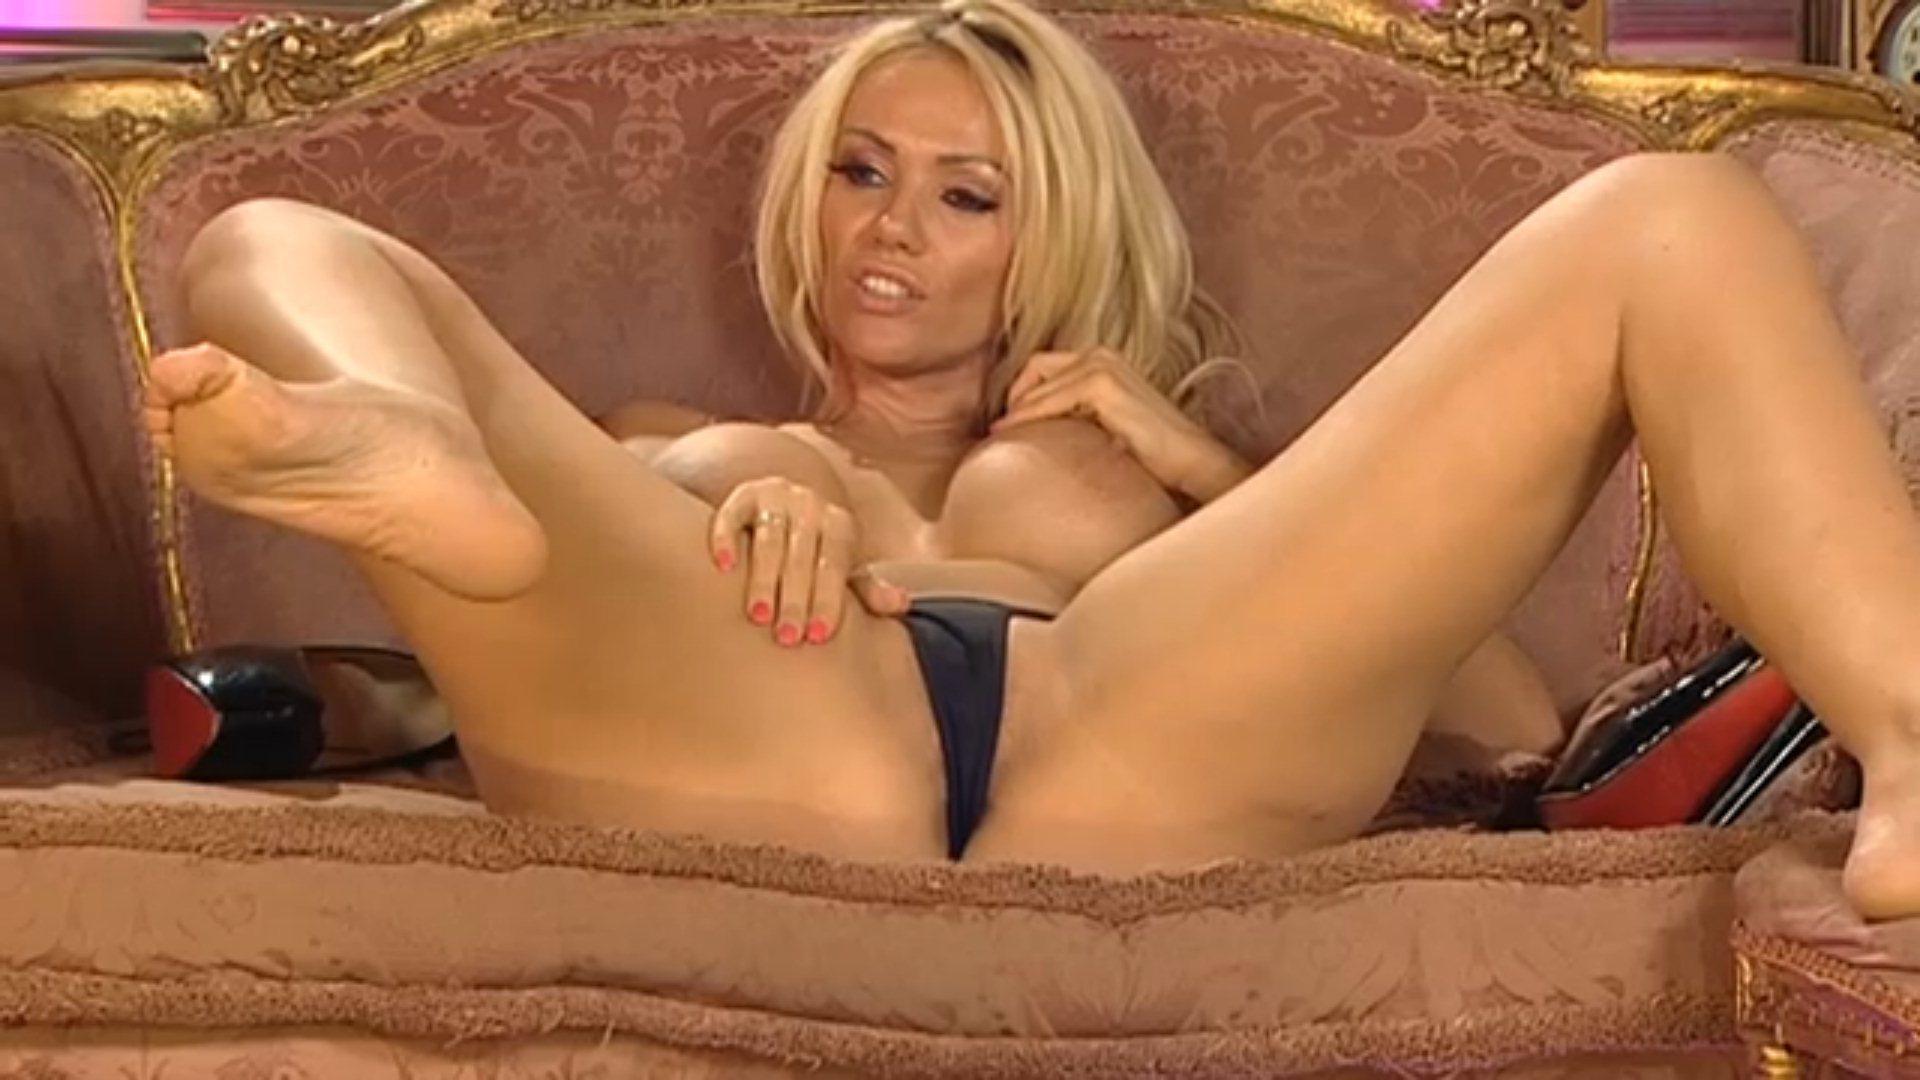 Nude latinas in rockford